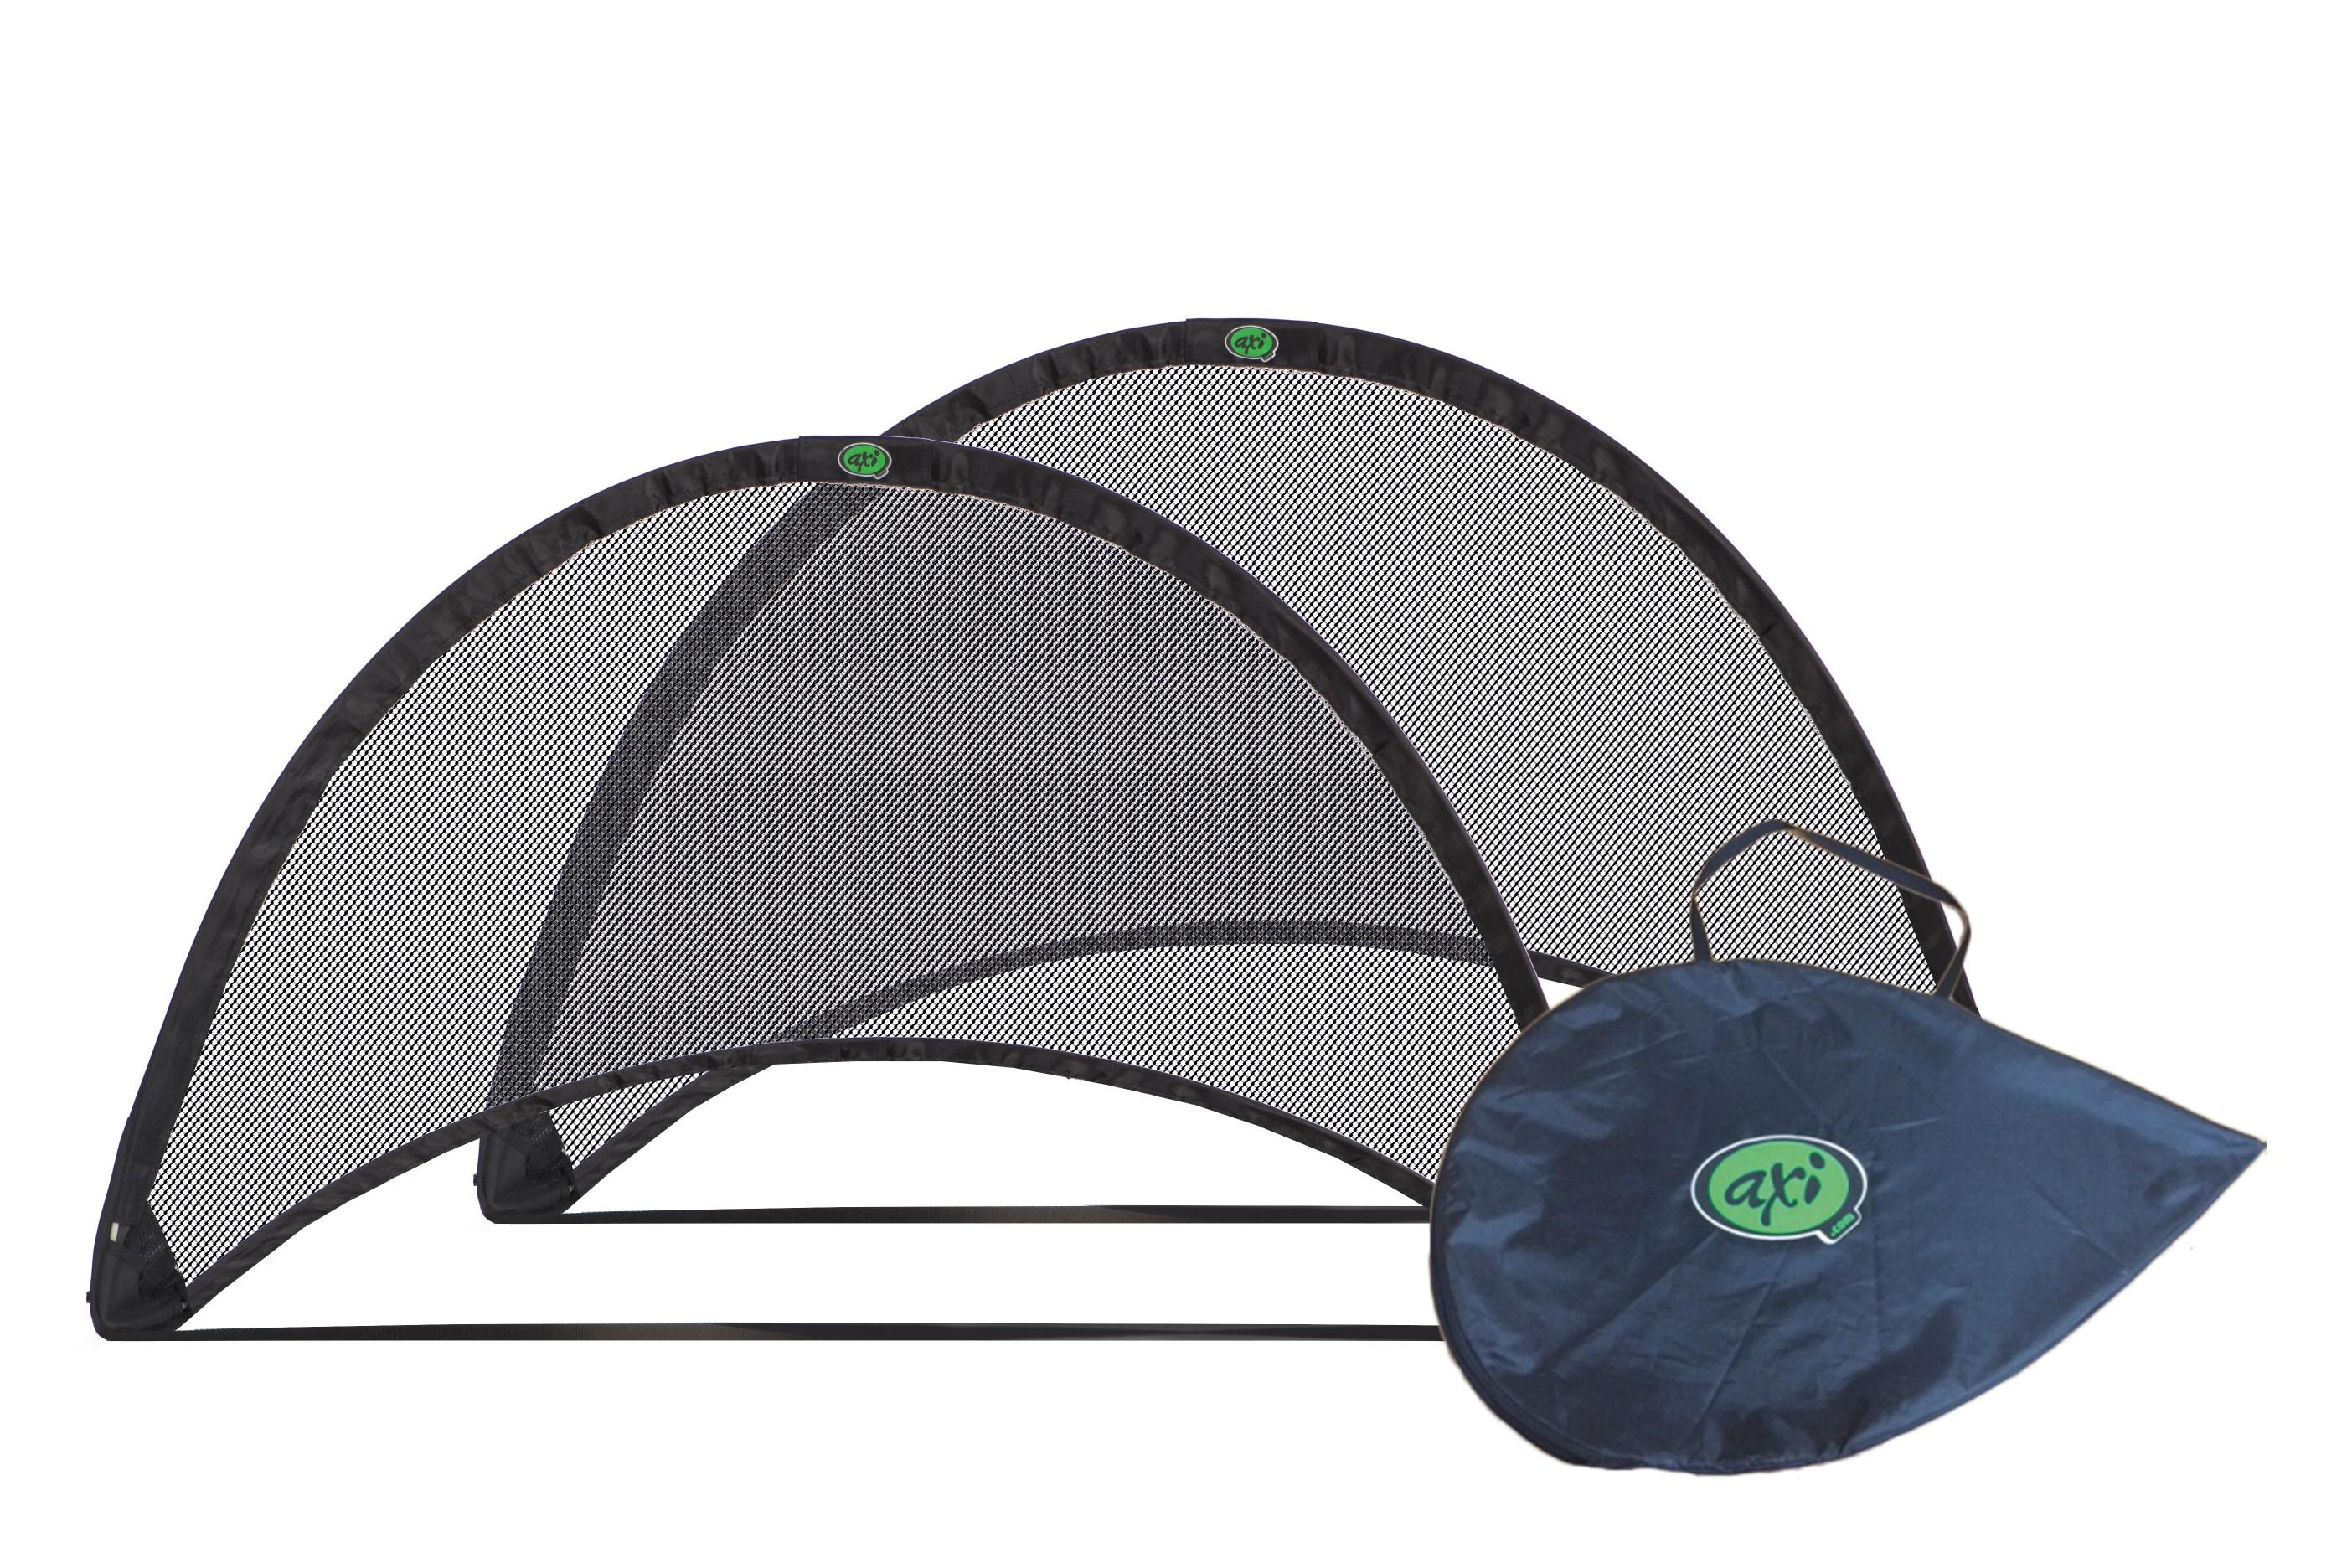 allstar120 pop up tor. Black Bedroom Furniture Sets. Home Design Ideas